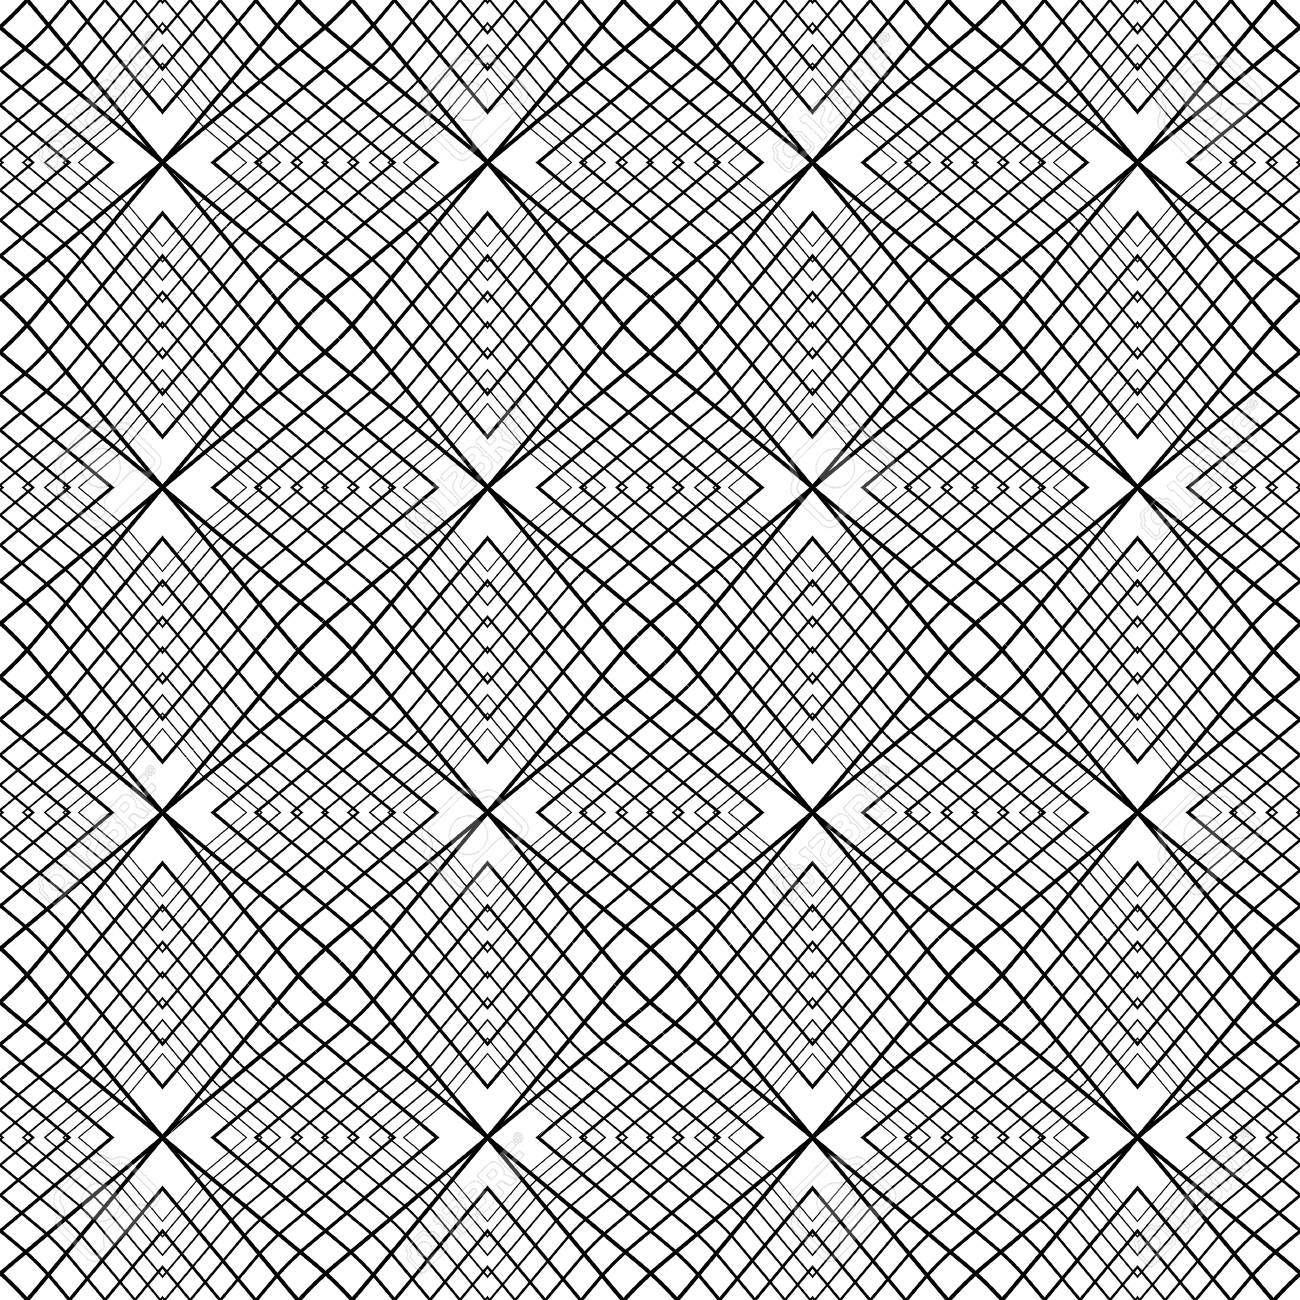 Papier Peint Forme Geometrique.Seamless Vecteur Modele Papier Peint Avec La Forme Geometrique Repetition